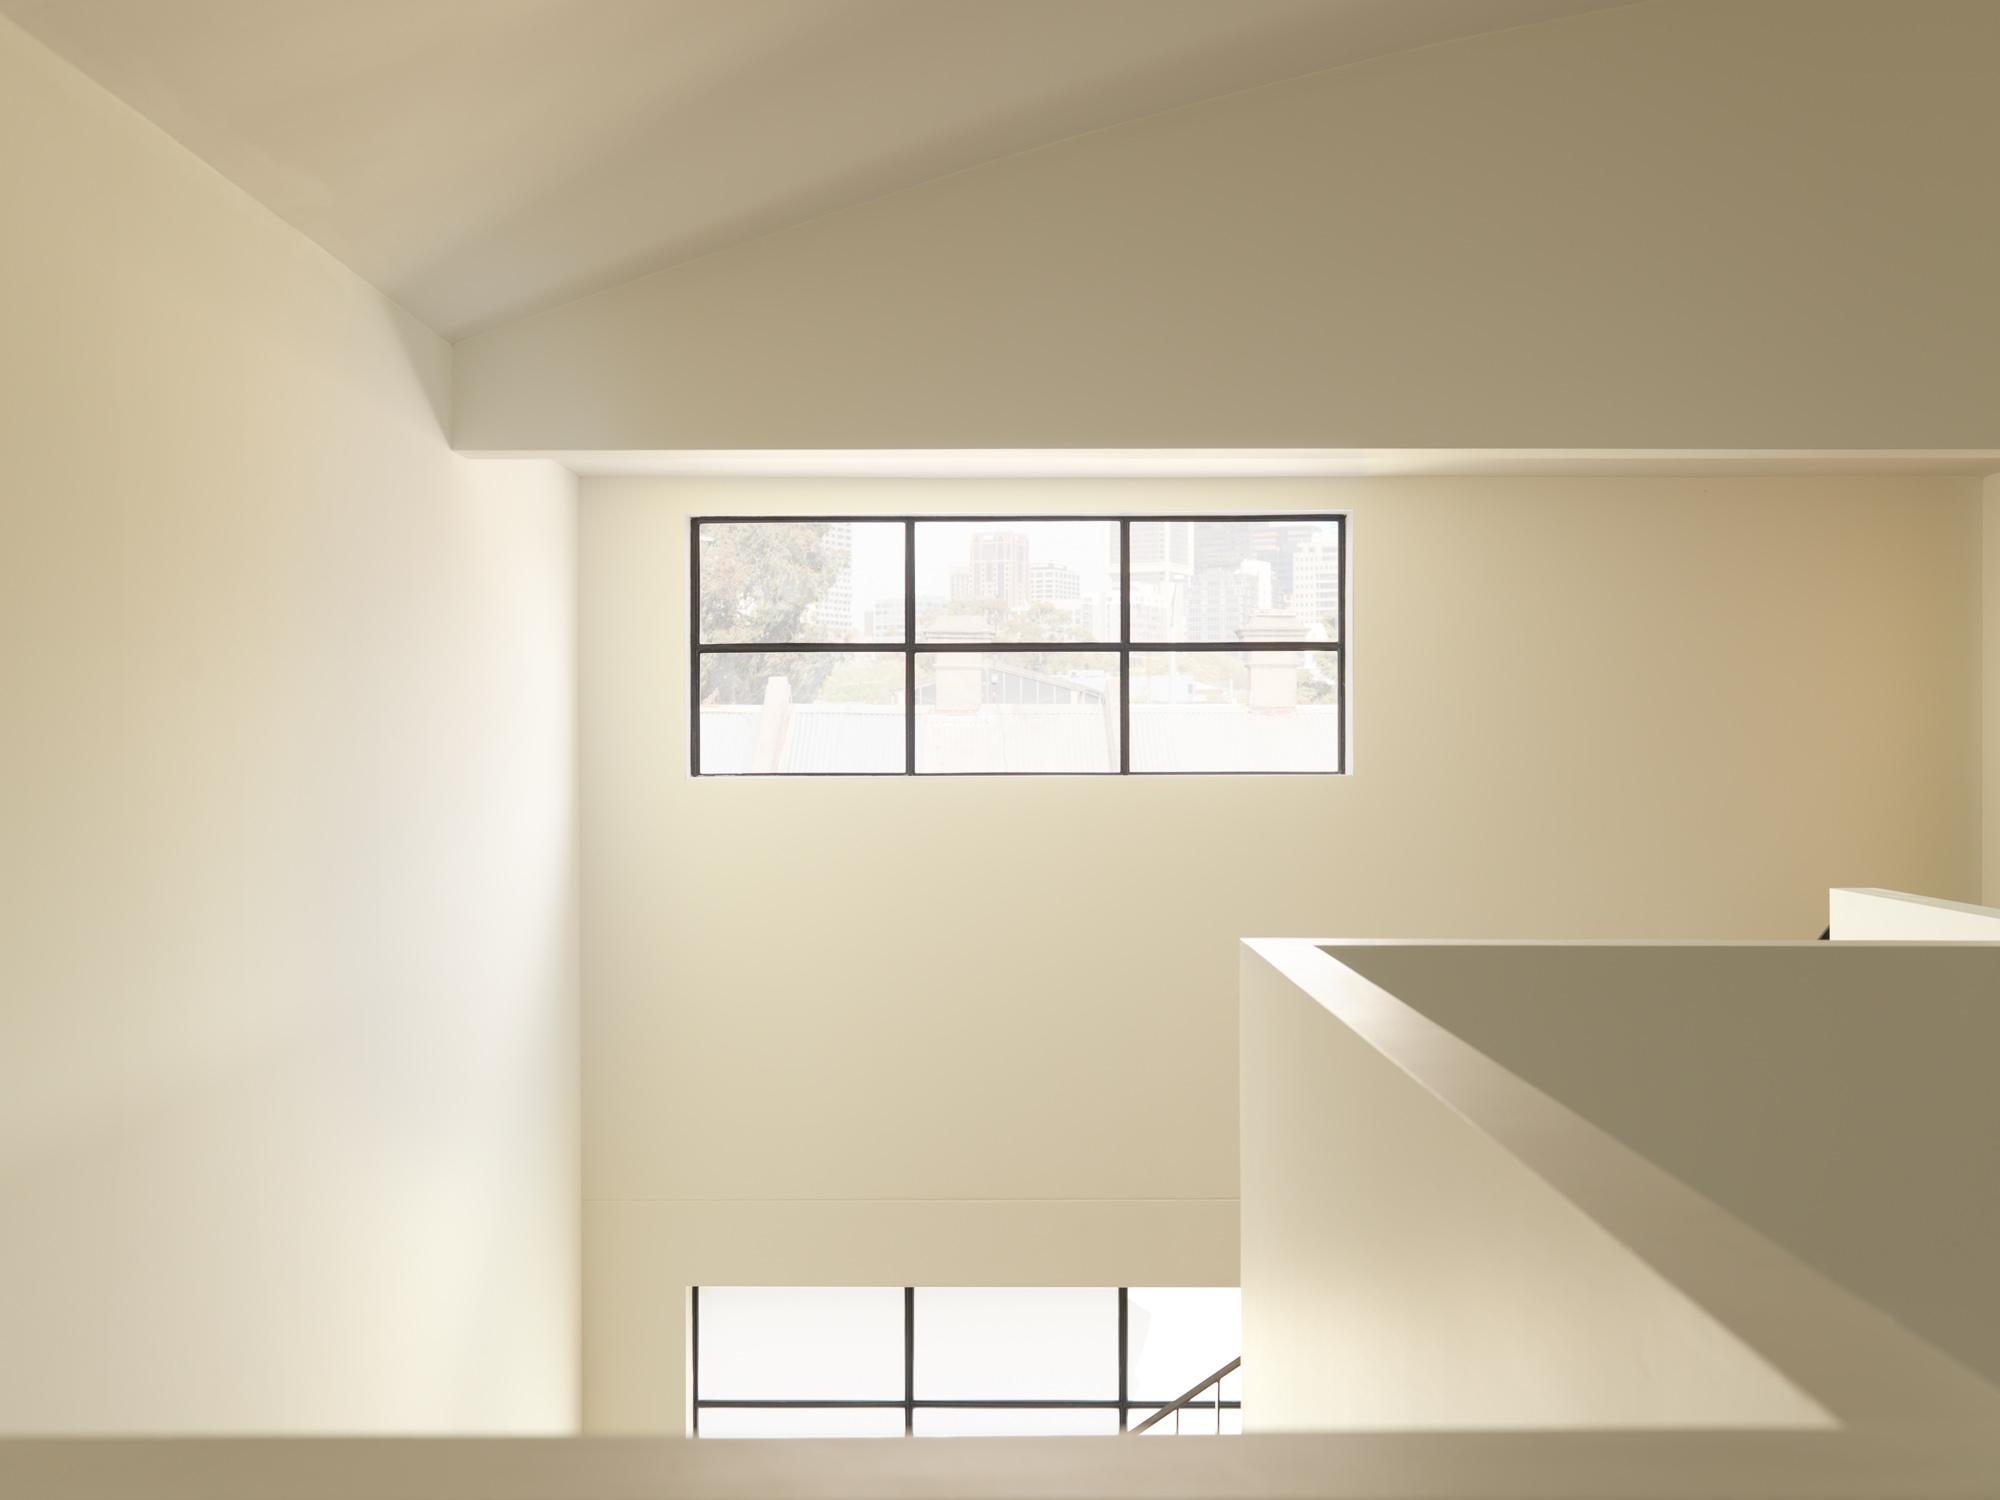 Daylight interior internal void space